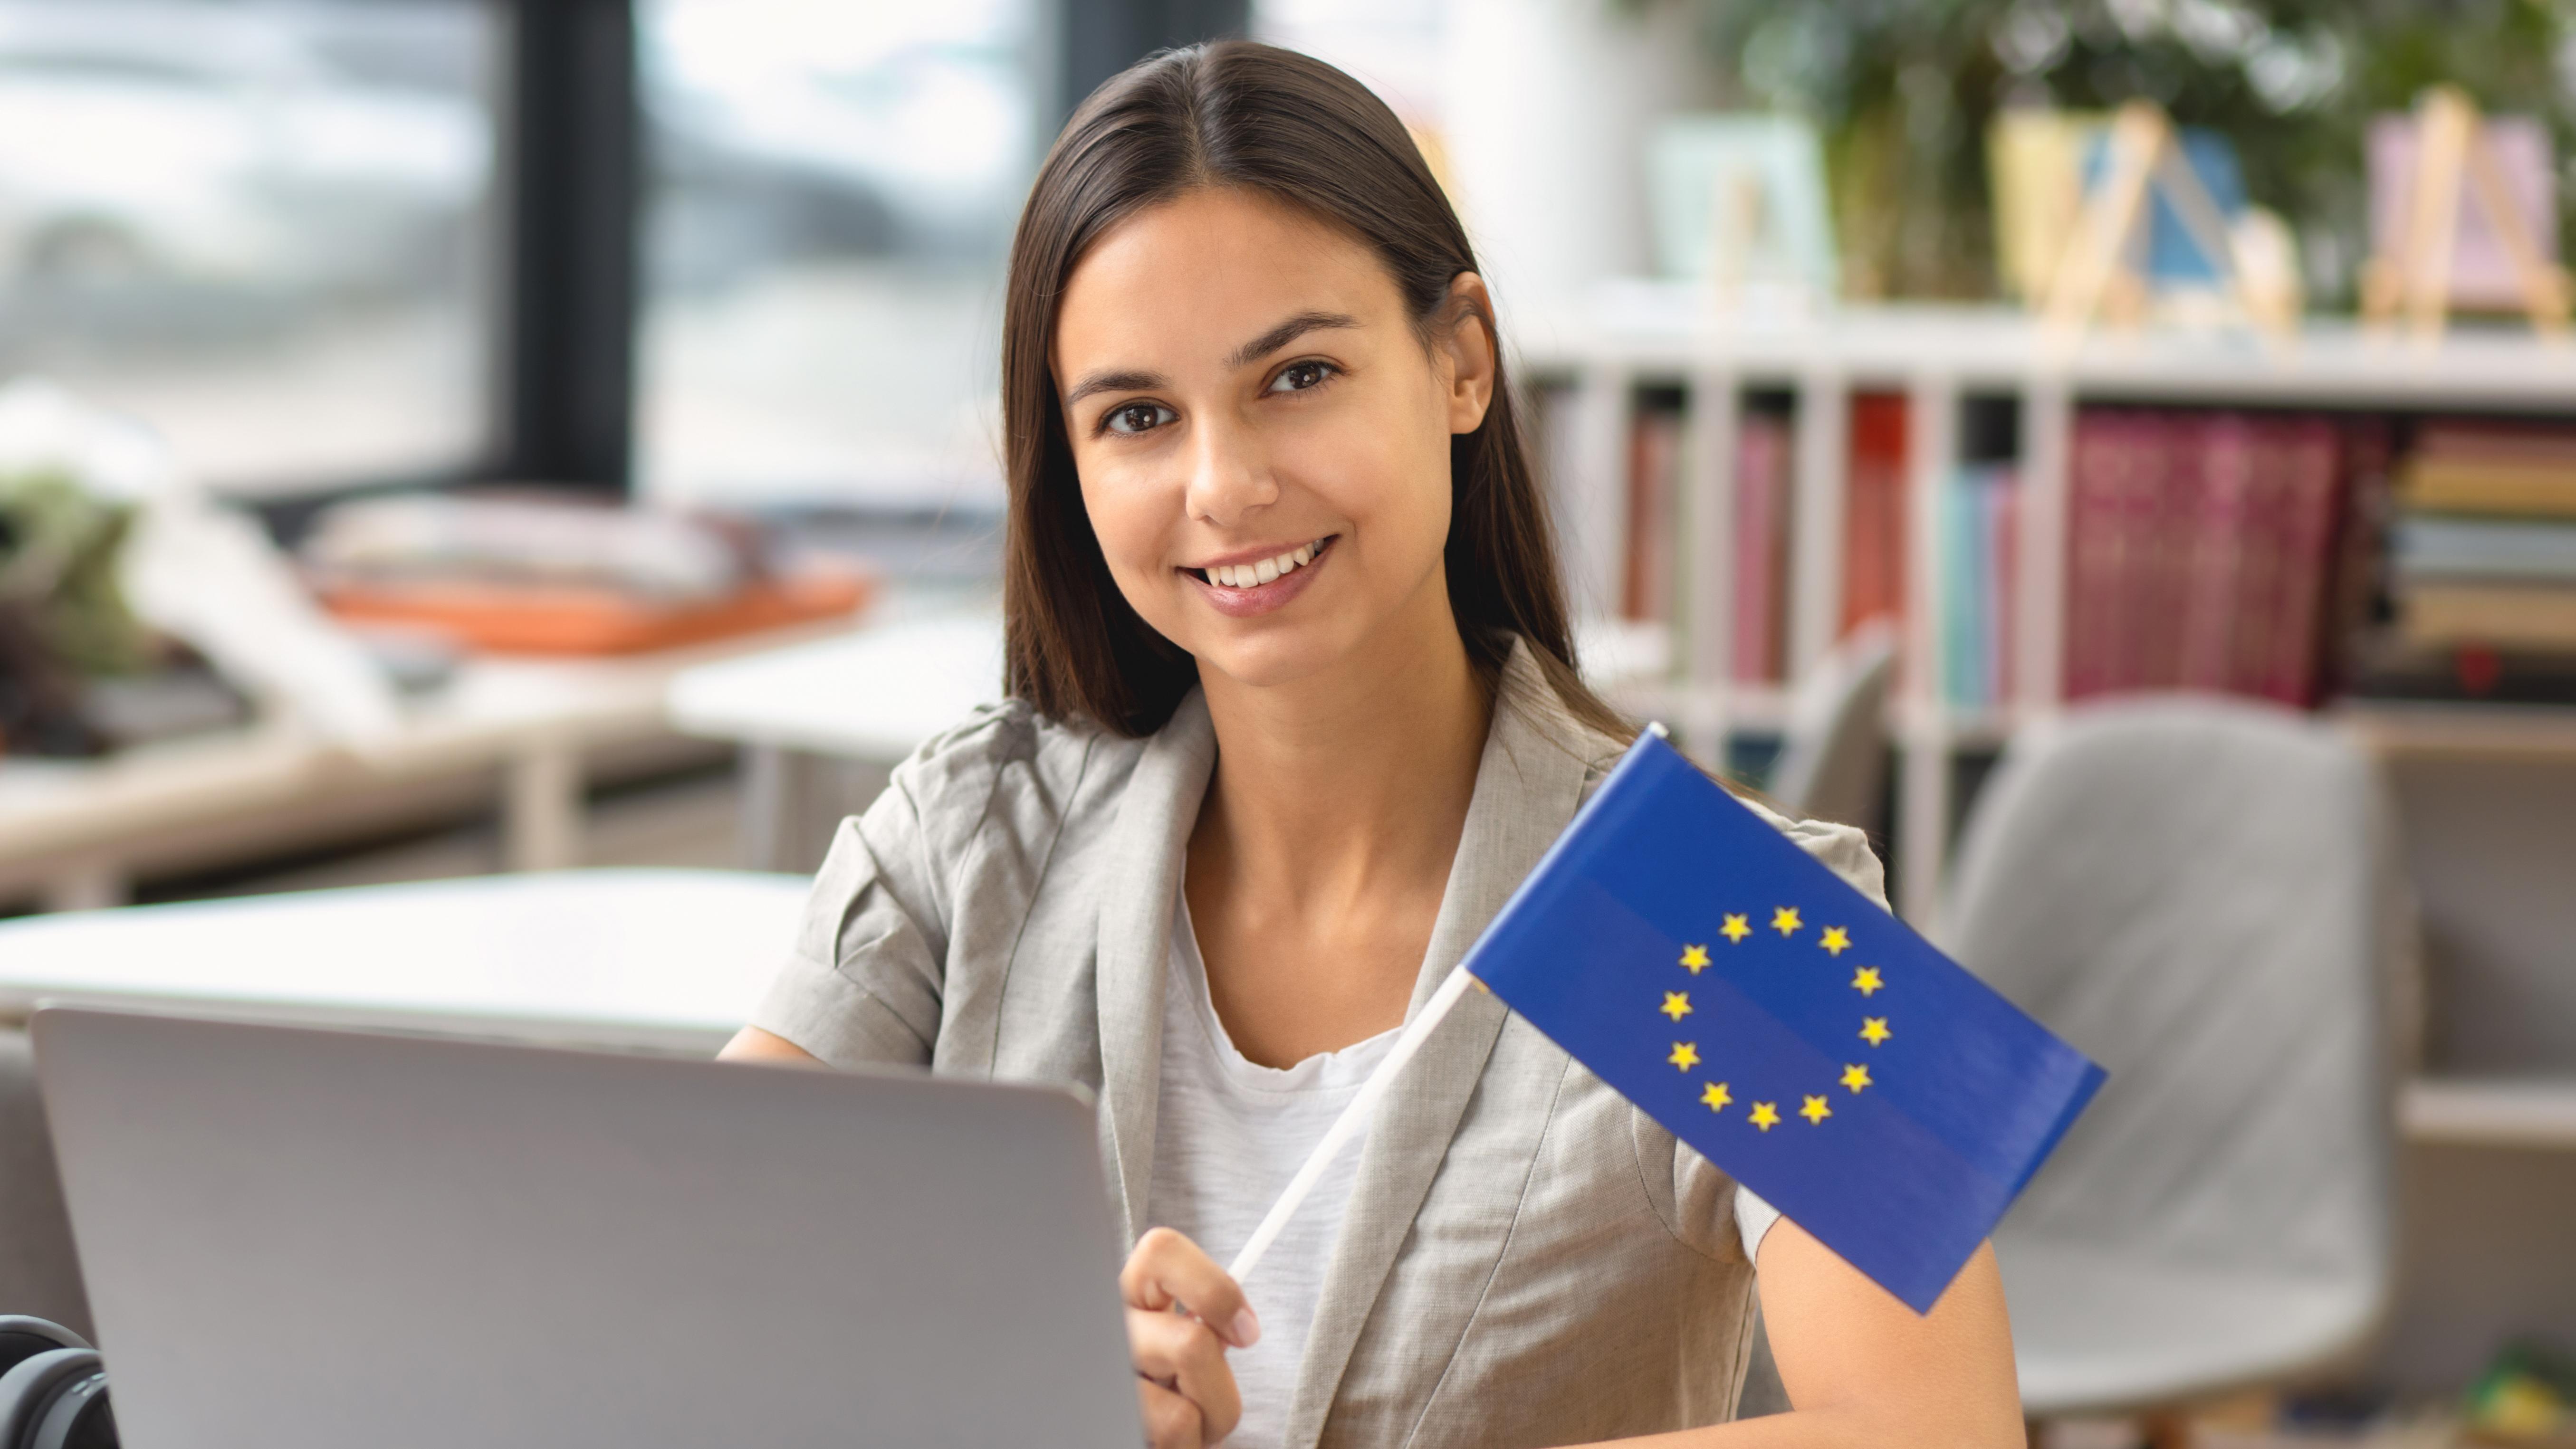 Девушка за компьютером с флагом ЕС, обучение в странах которого можно пройти